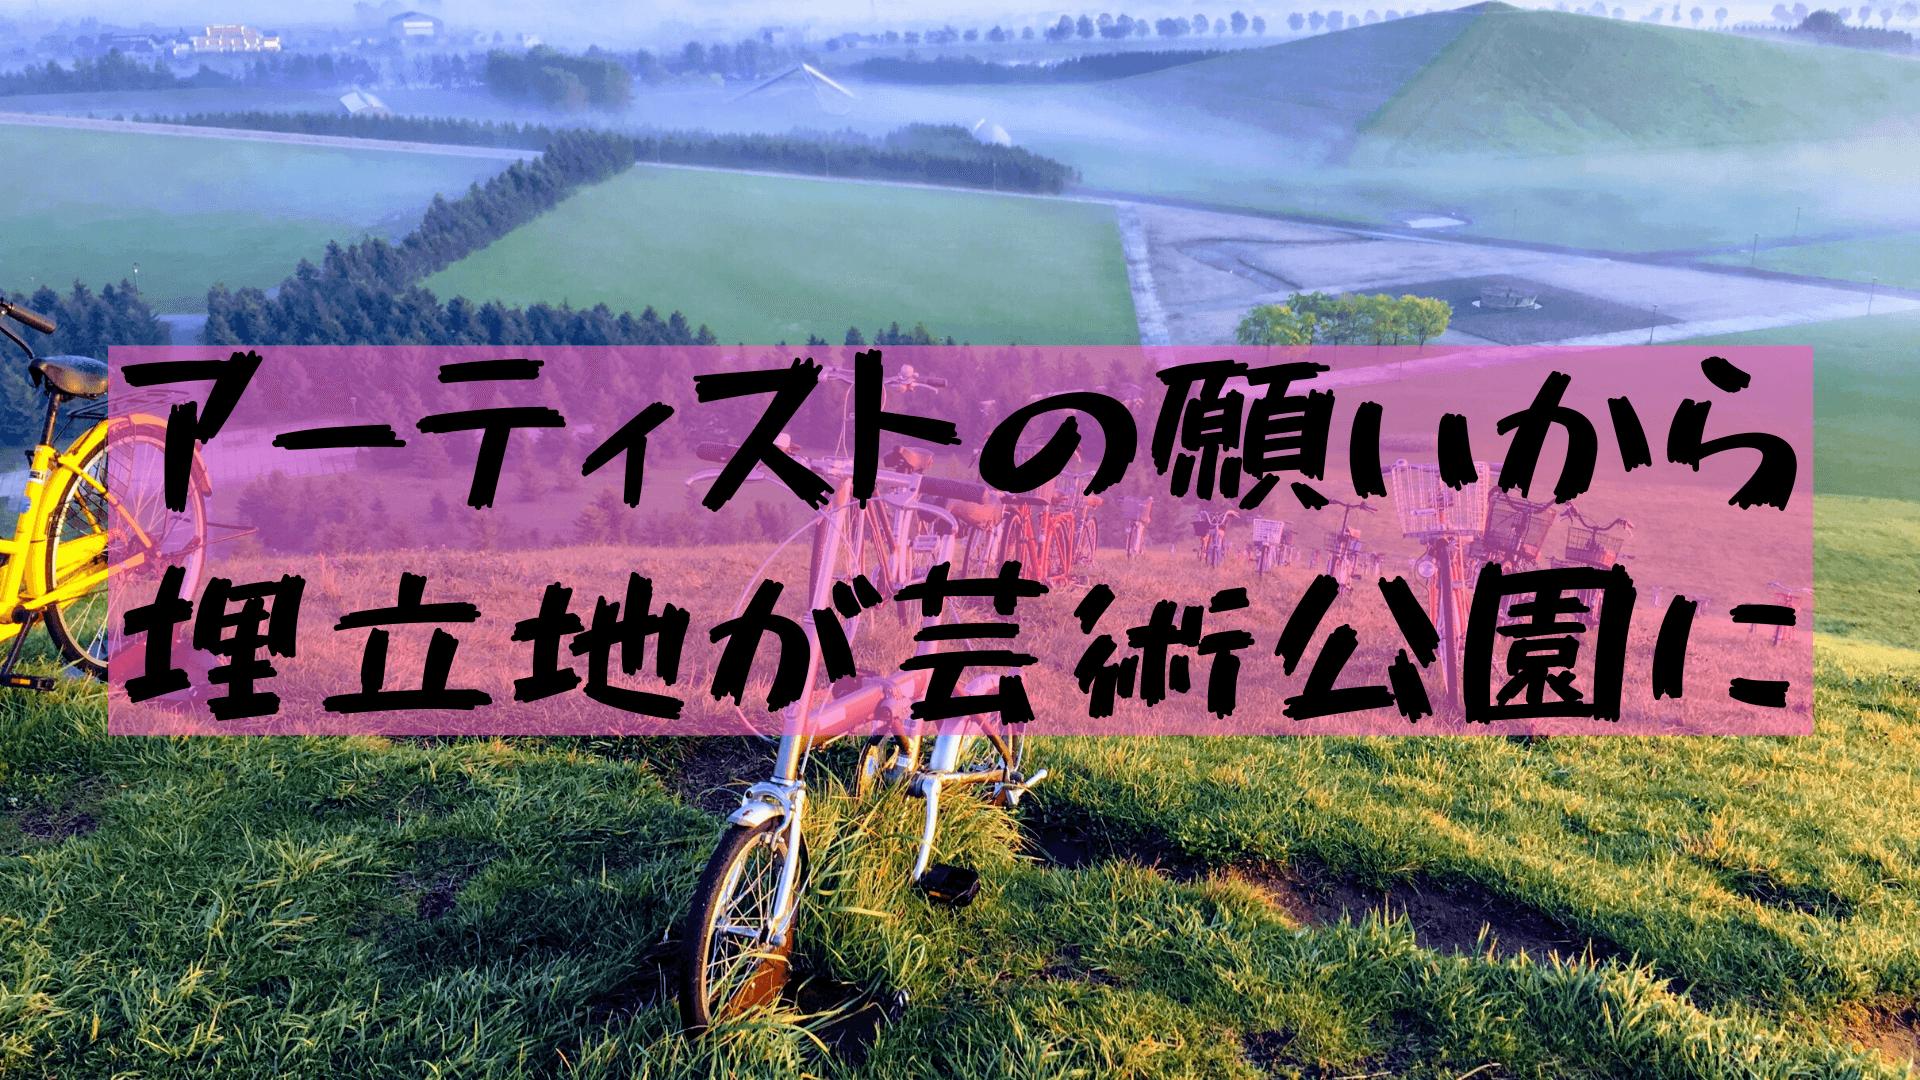 【モエレ沼公園】北海道、札幌の現代アートが体感できる芸術公園は世界的な芸術家イサム・ノグチが設計